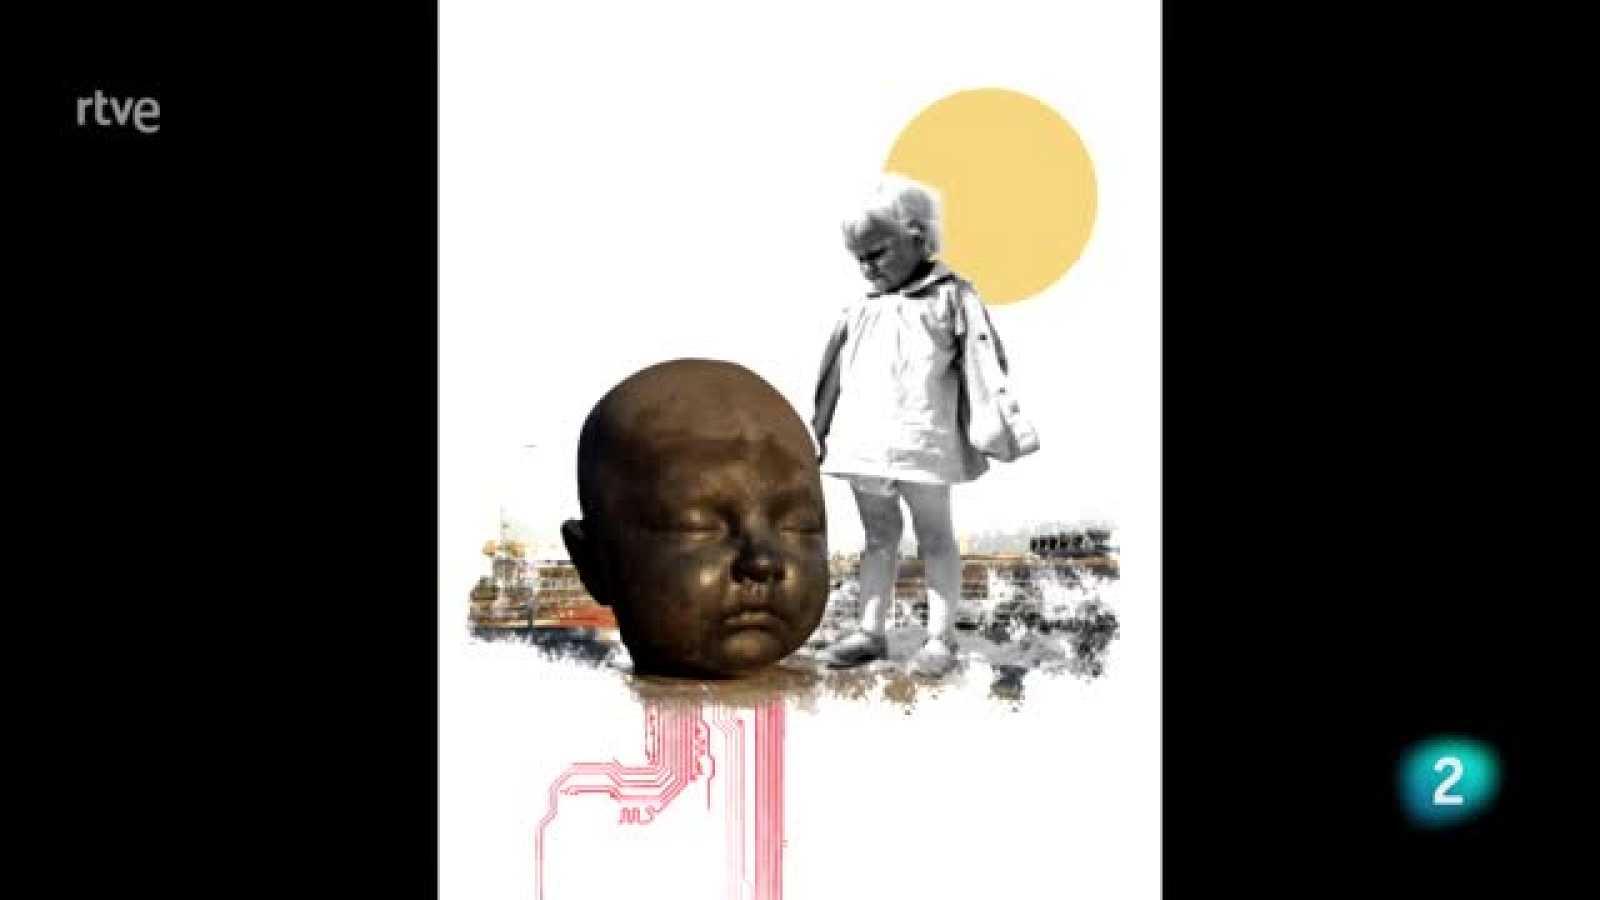 La aventura del saber Boek visual Sra Scribbles collage digital arte #AventuraSaberArte